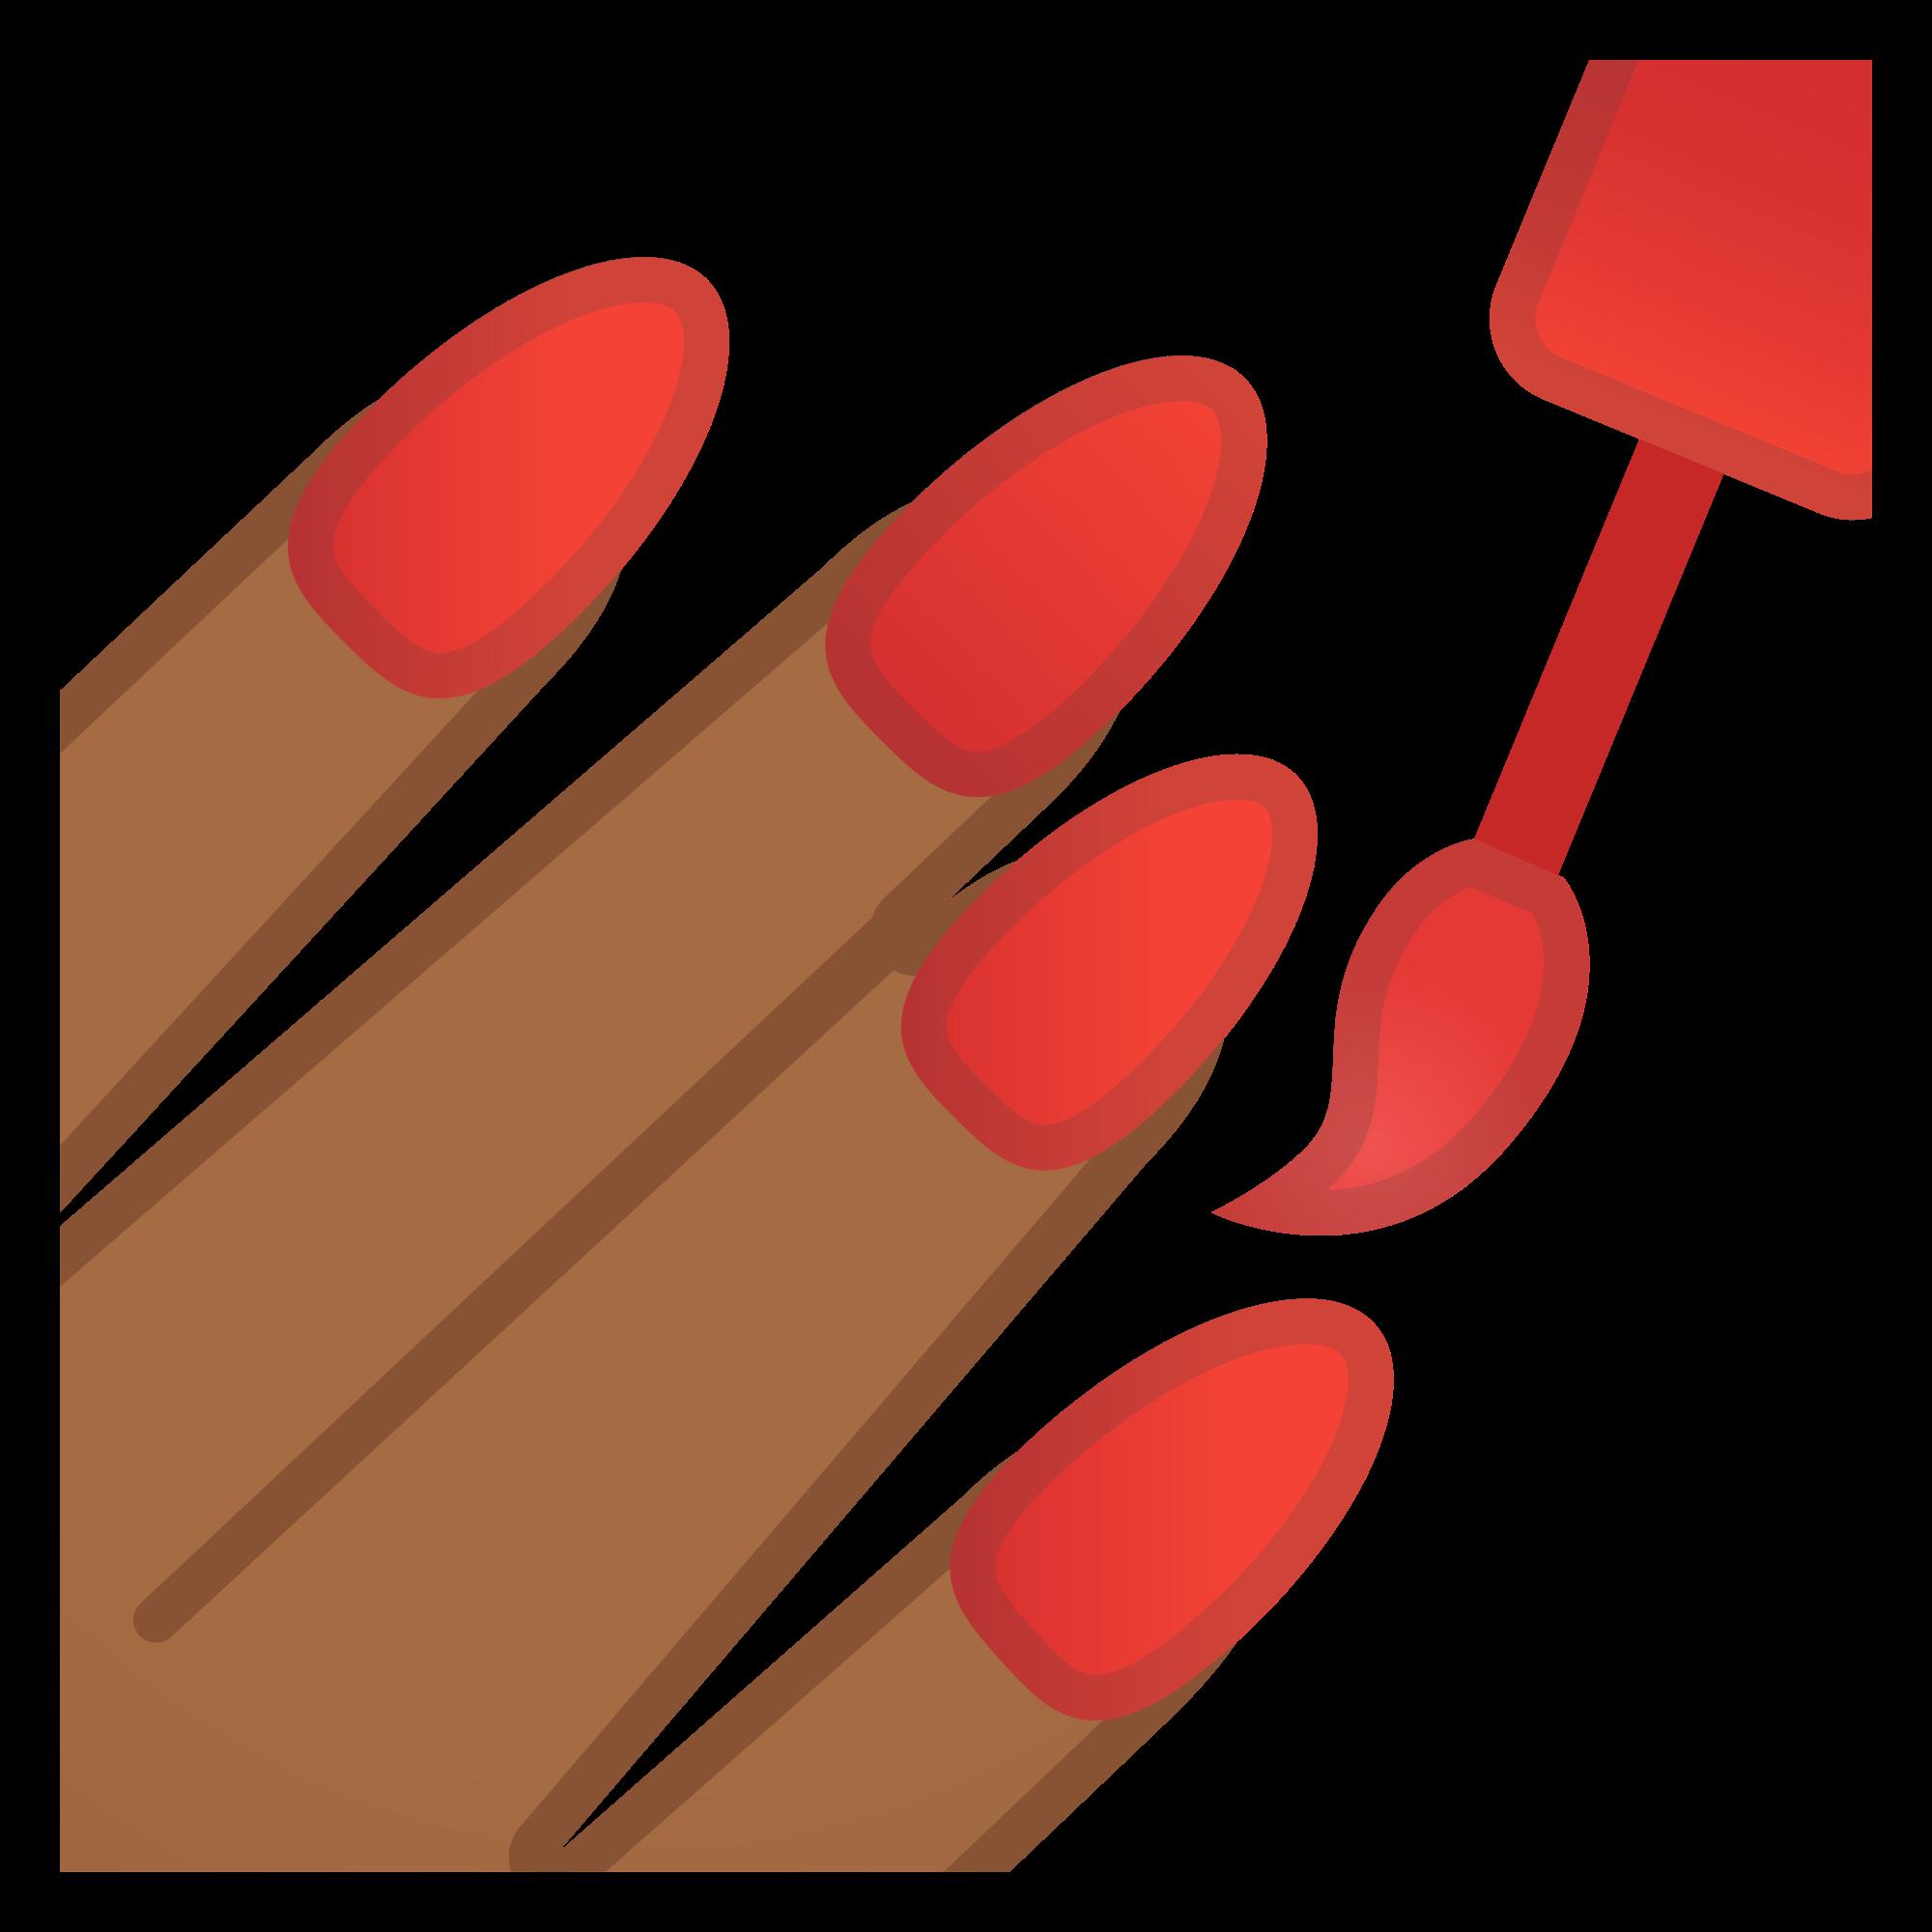 File noto oreo f. Nails clipart emoji